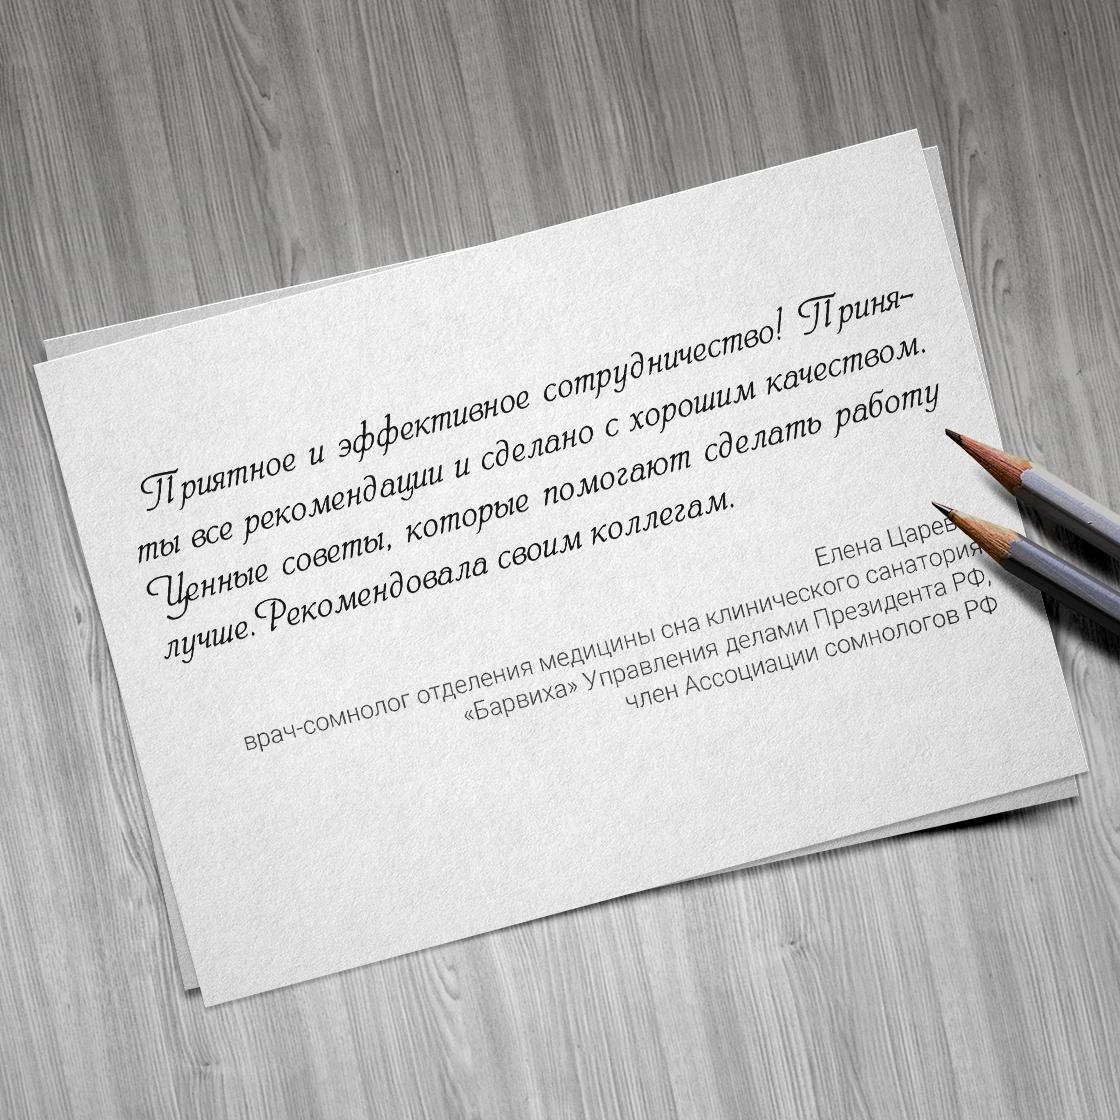 Елена Царева— врач-сомнолог отделения медицины сна клинического санатория «Барвиха» Управления делами Президента РФ, член Ассоциации сомнологов РФ Отзывы